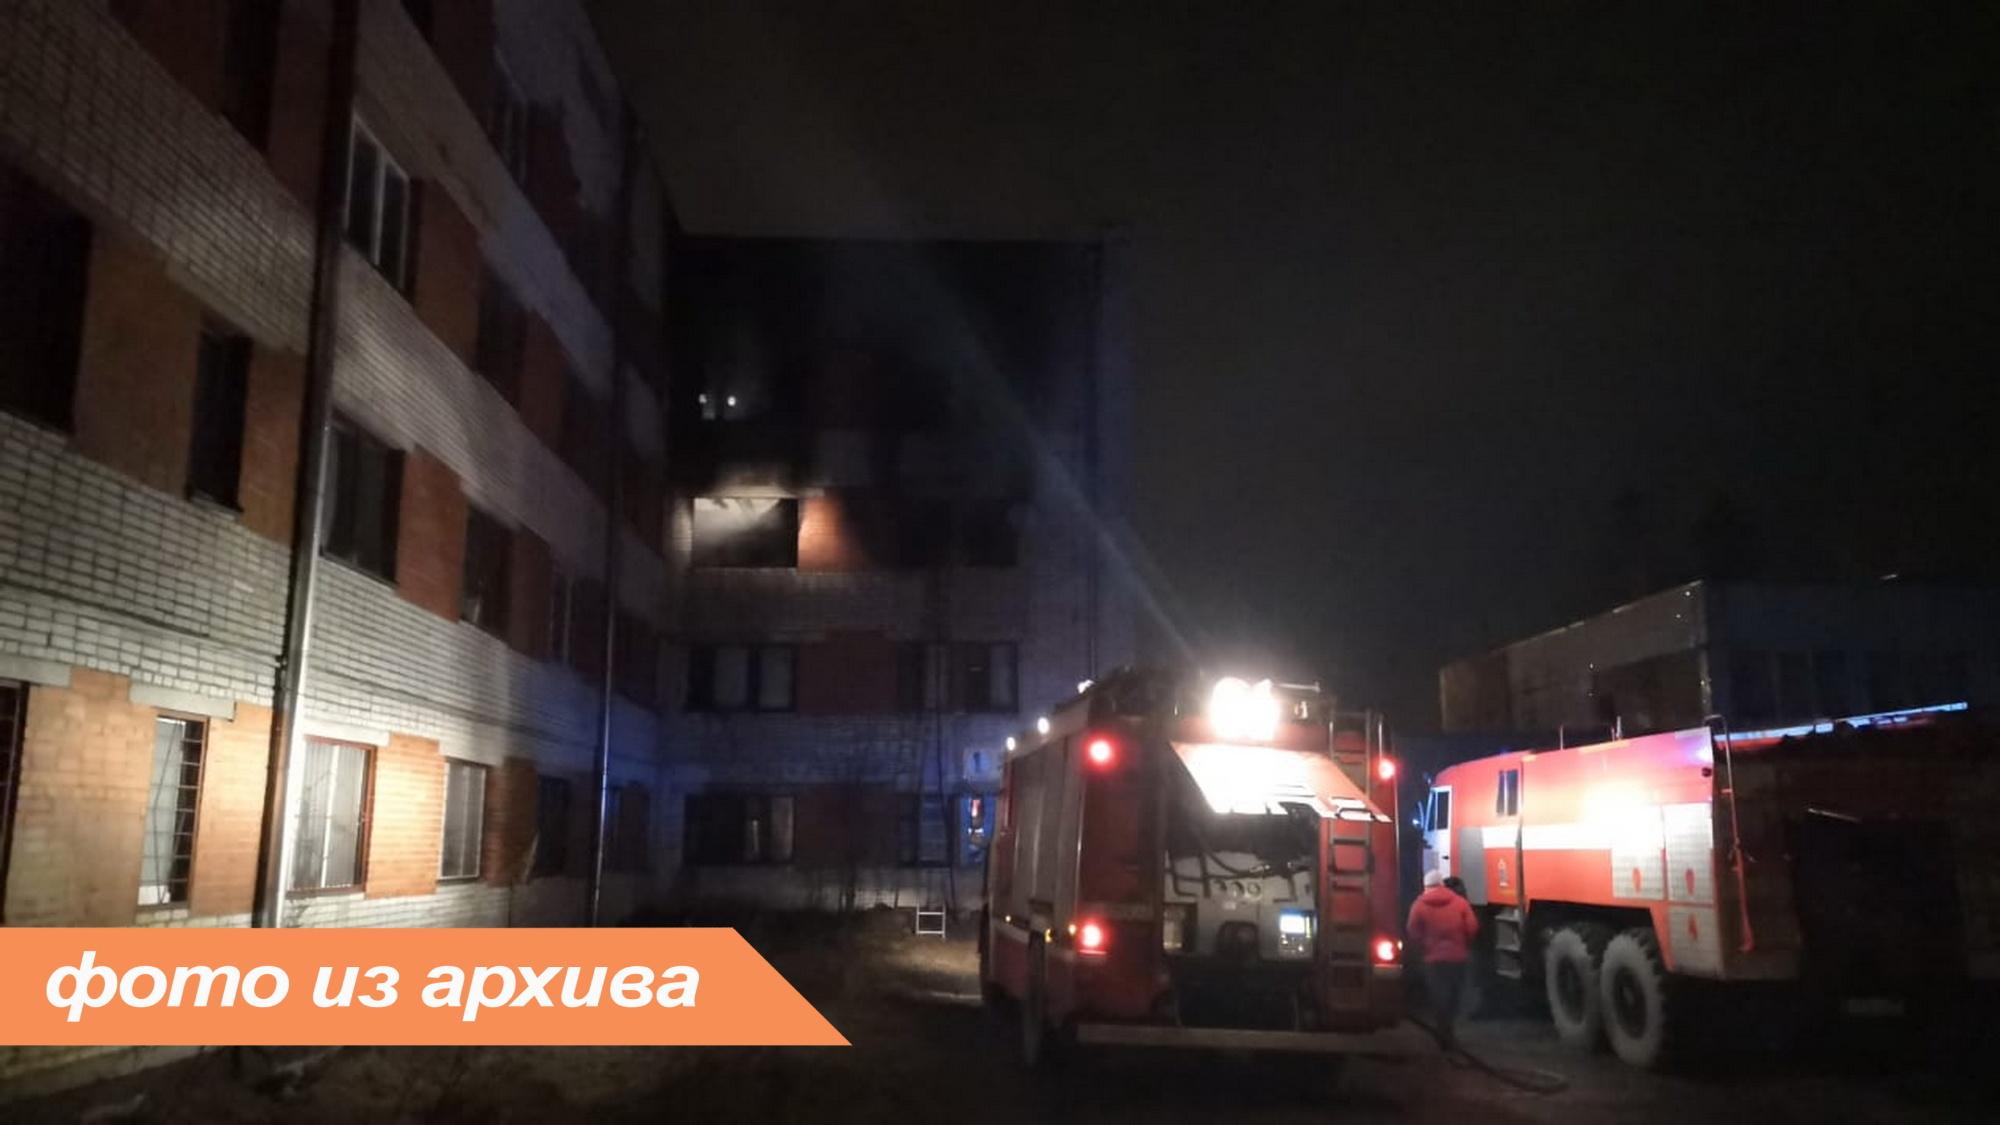 Пожарно-спасательные подразделения Ленинградской области ликвидировали пожар в Сланцевском районе